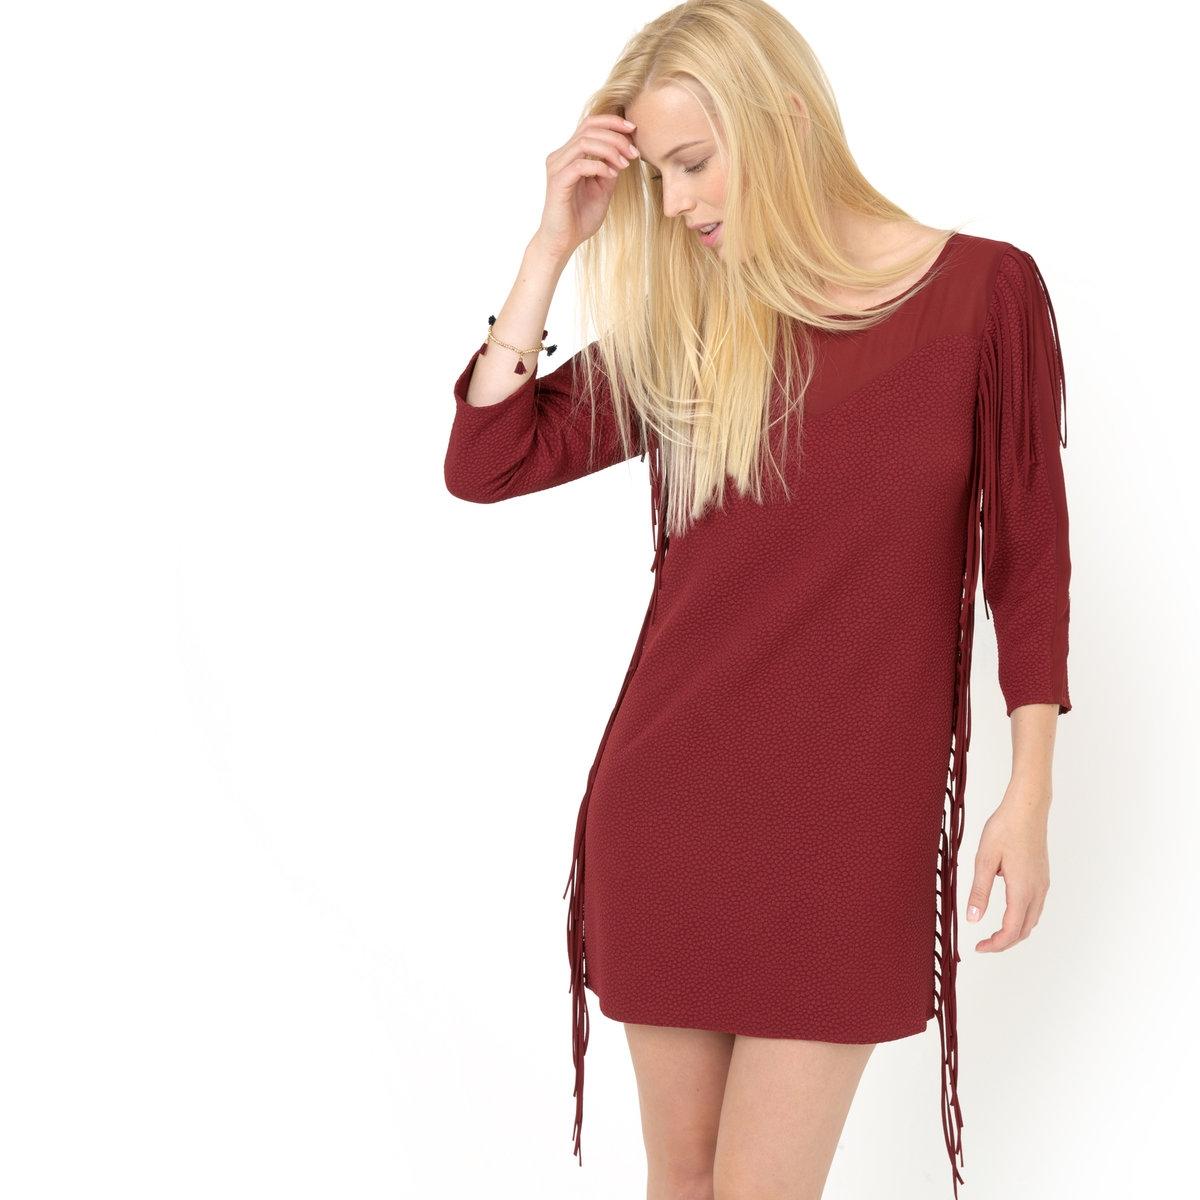 Платье с рукавами ?Платье с рукавами ? HEREO - 2TWO. Платье с гофрированным эффектом слегка приталенного покроя с длинной бахромой по бокам и на плечах, со вставками из тюли вверху переда и спинки и с застёжкой в виде капли на пуговицу сзади. 100% полиэстера<br><br>Цвет: красный<br>Размер: 38 (FR) - 44 (RUS).40 (FR) - 46 (RUS)